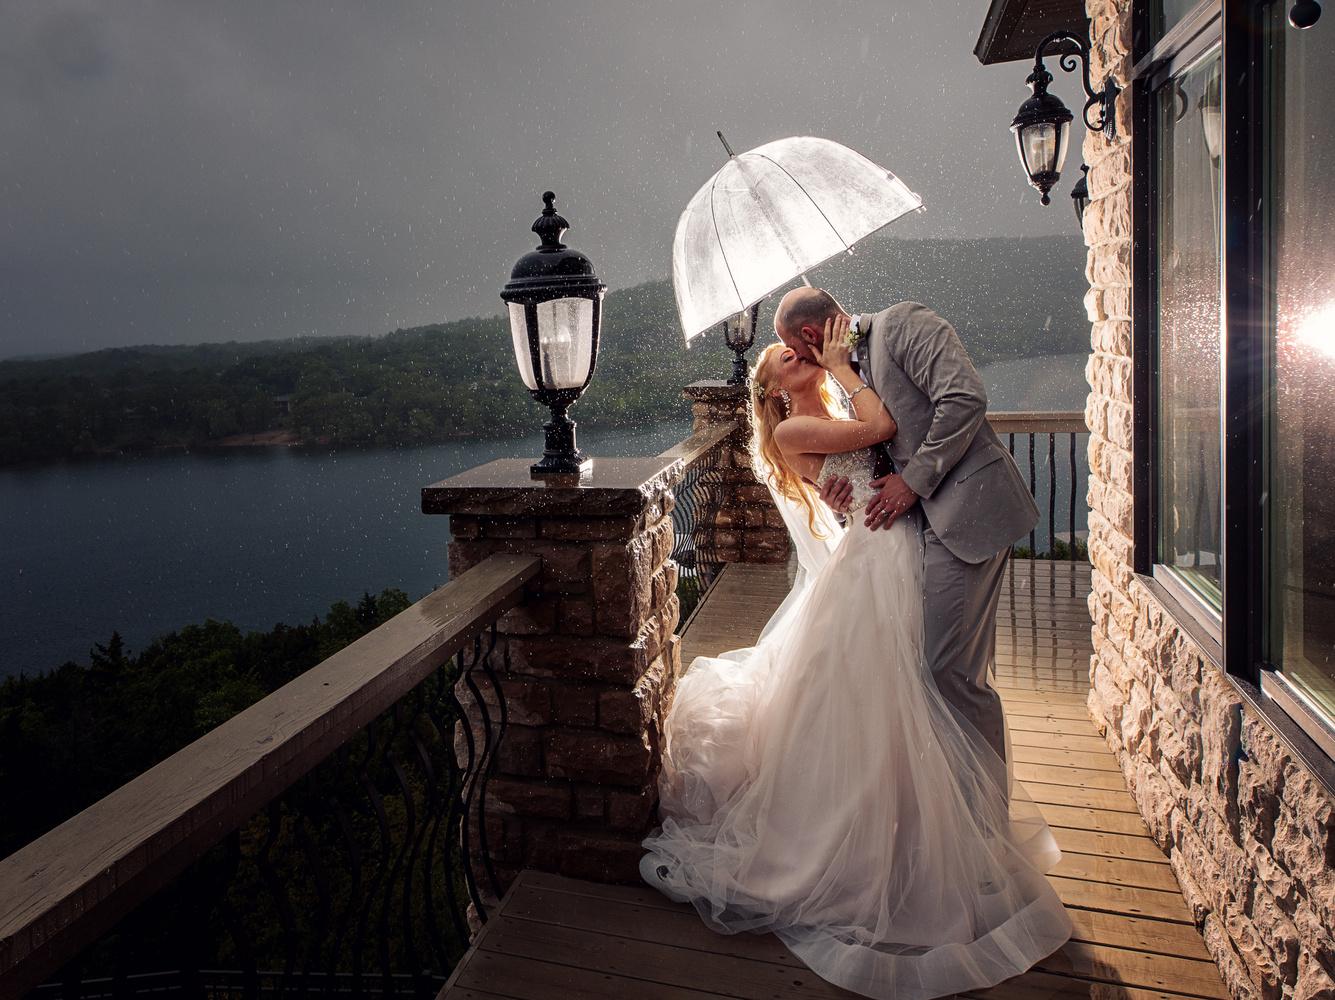 Married in the Rain by Levi Keplar